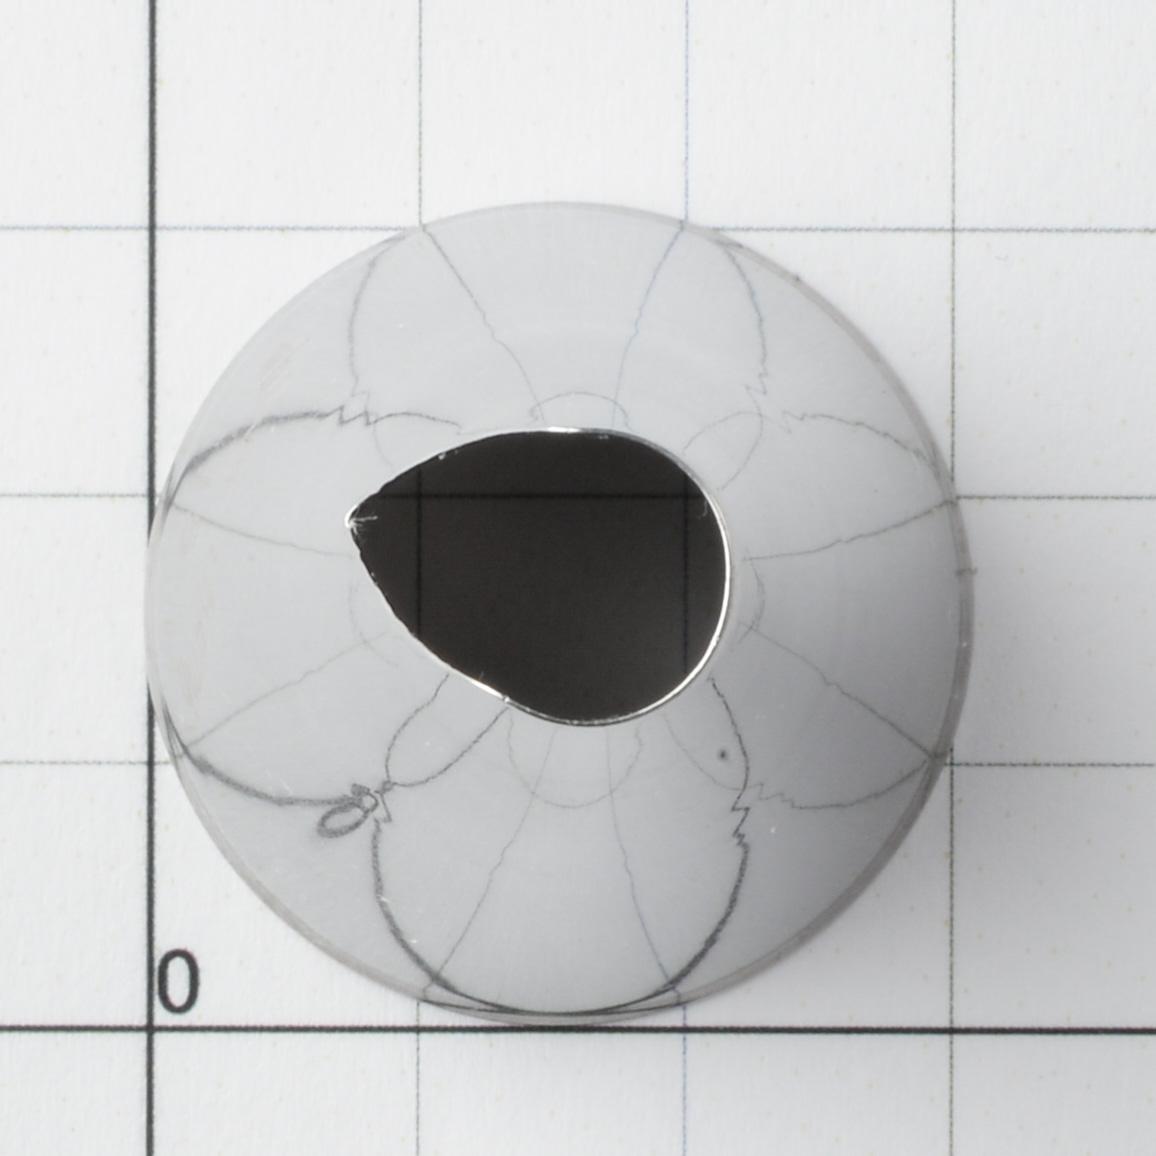 シームレス口金サントノーレ / 15×1コ